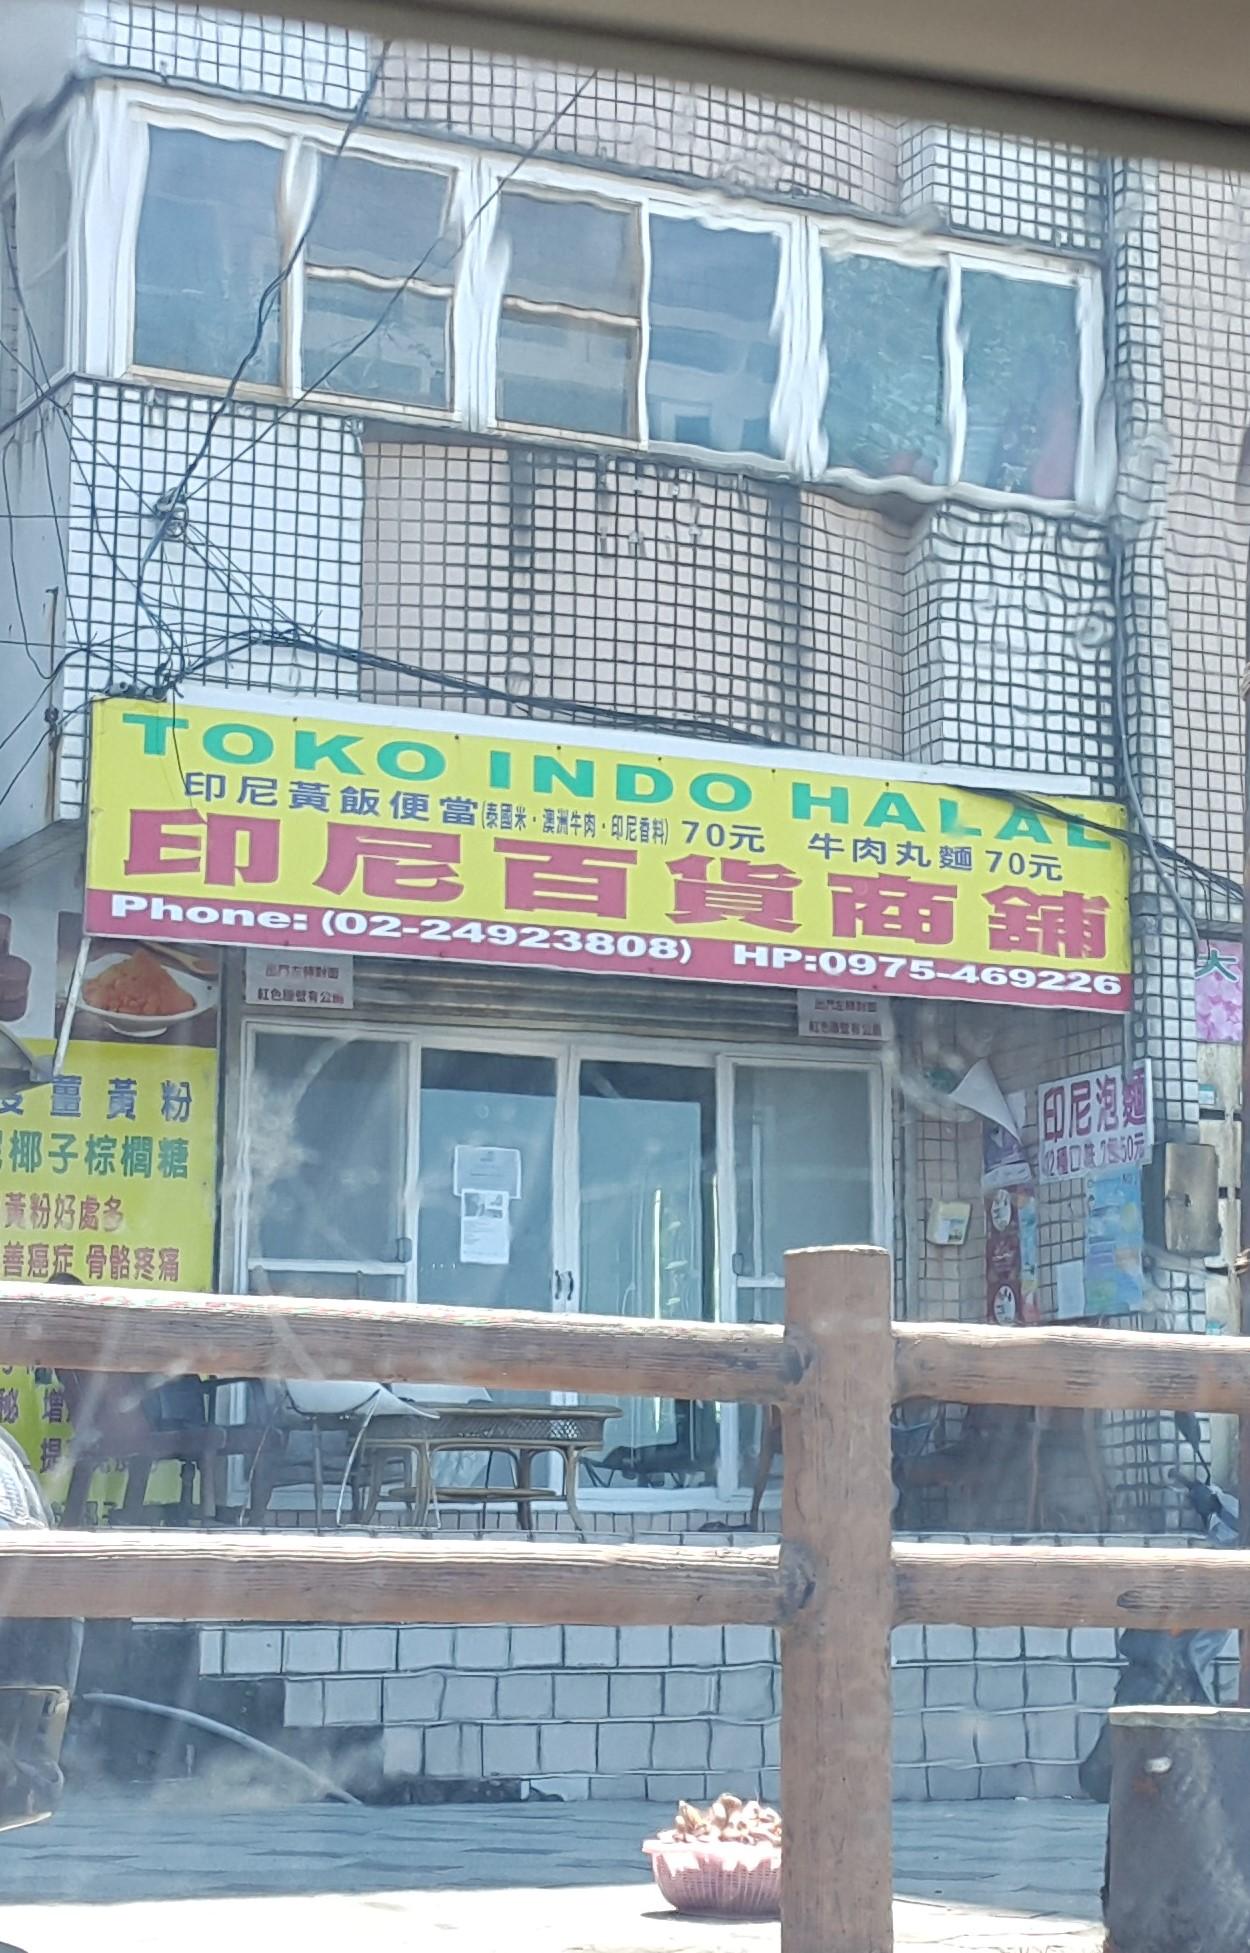 Toko Indo Halal Yehliu